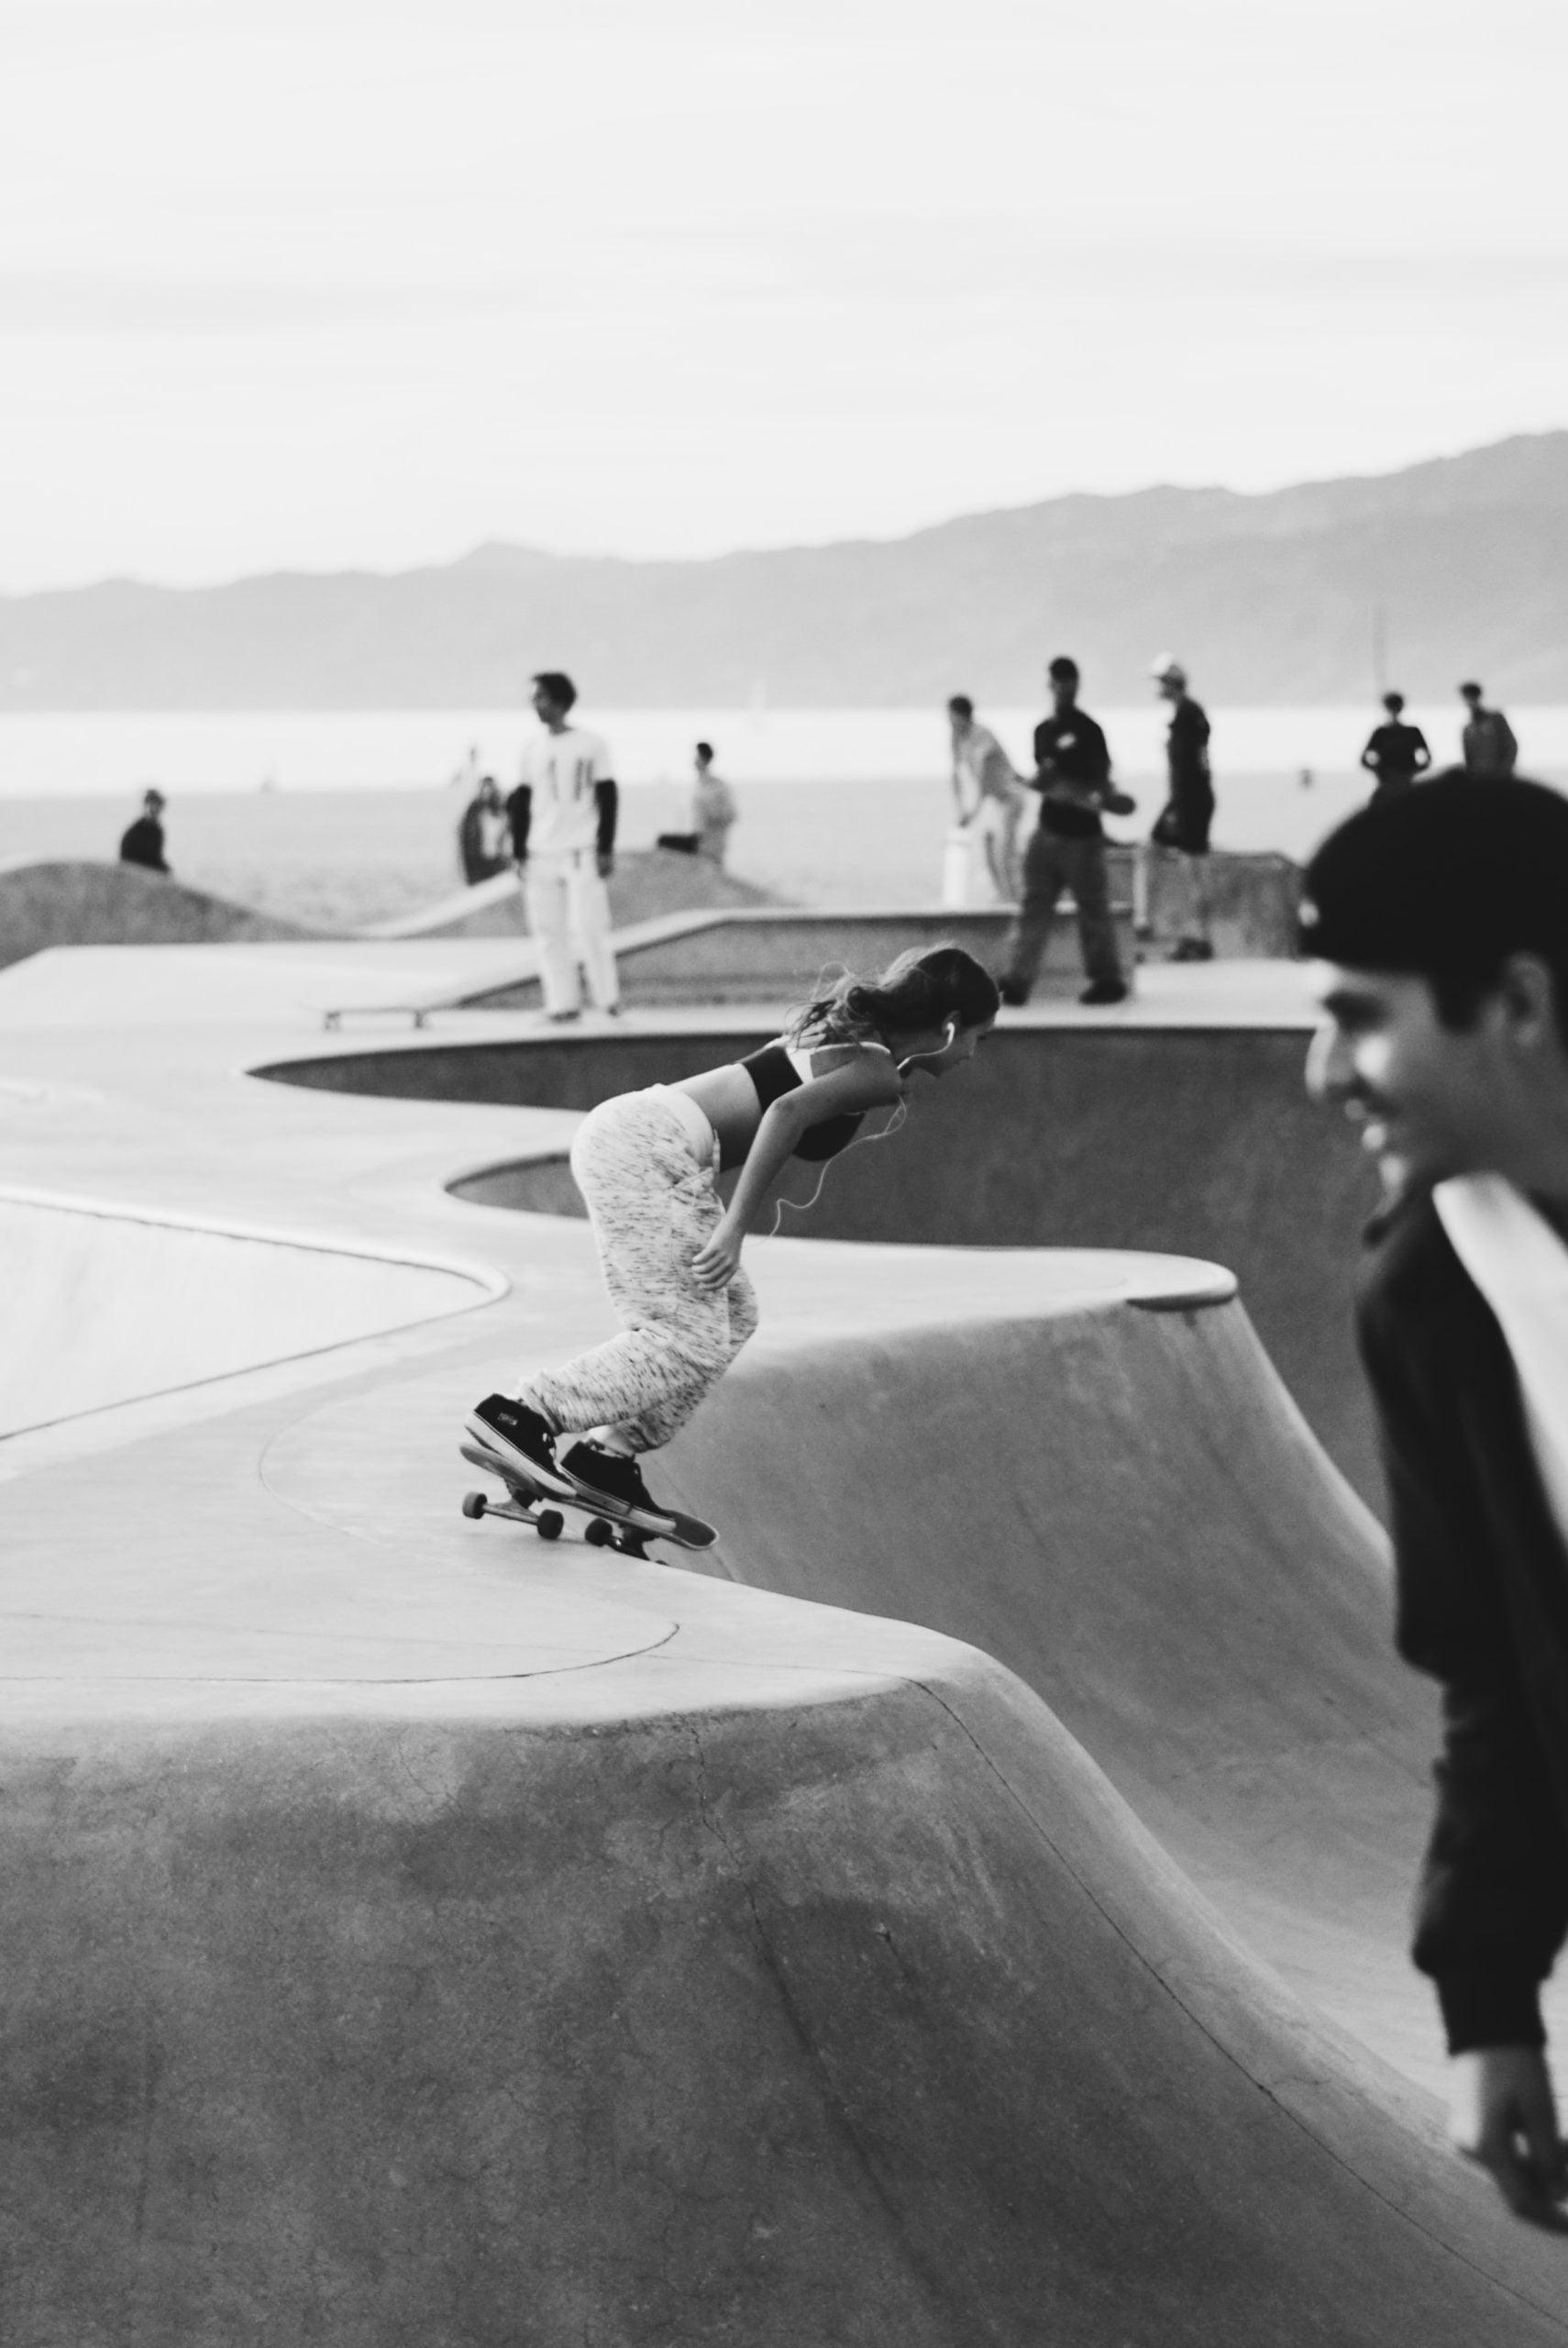 Köpguide för skateboard